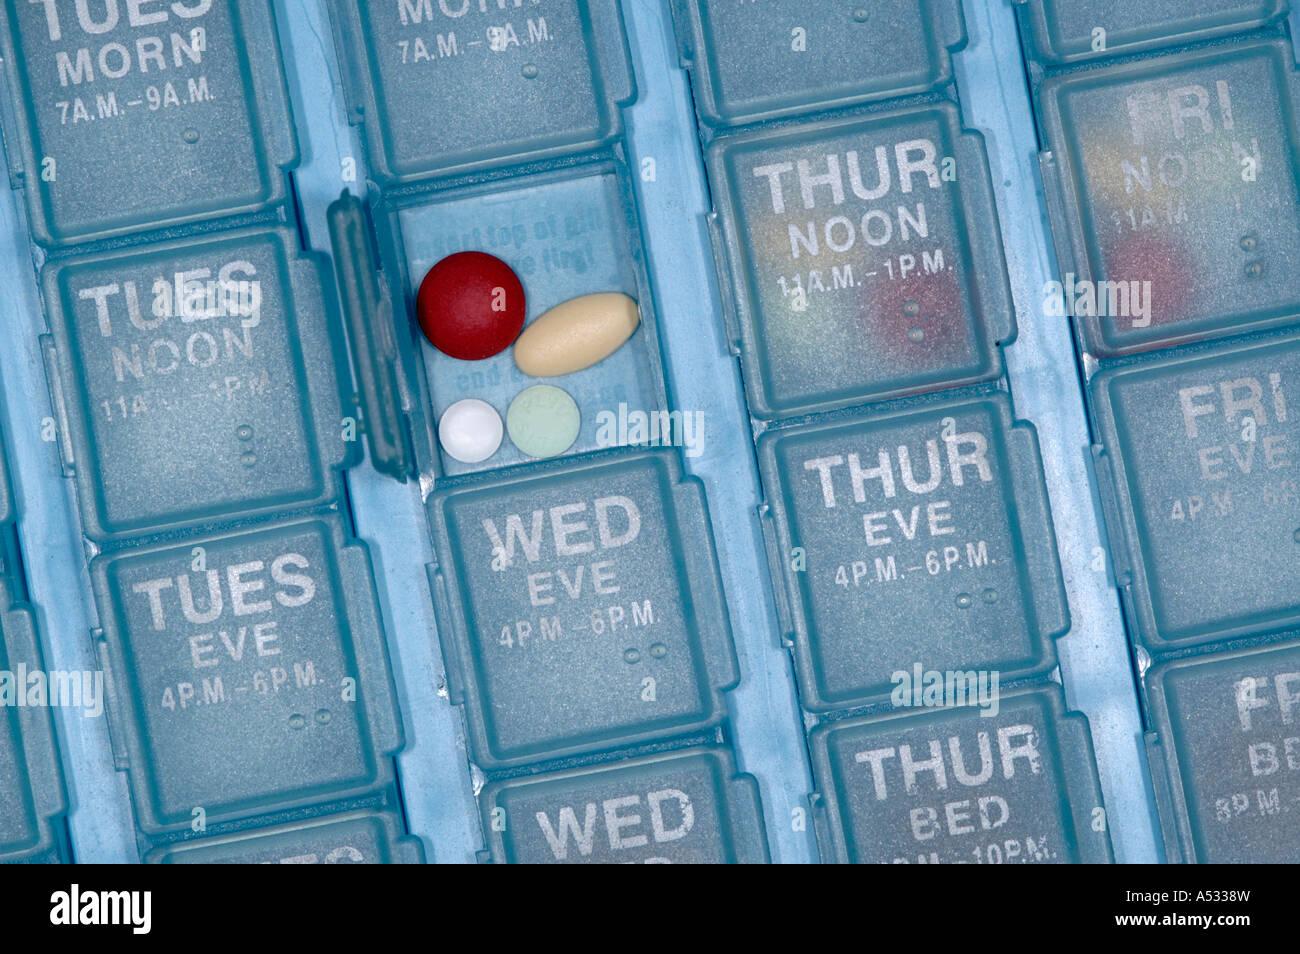 Eine ältere Senioren Person täglich wöchentlich Pille Veranstalter Stockbild